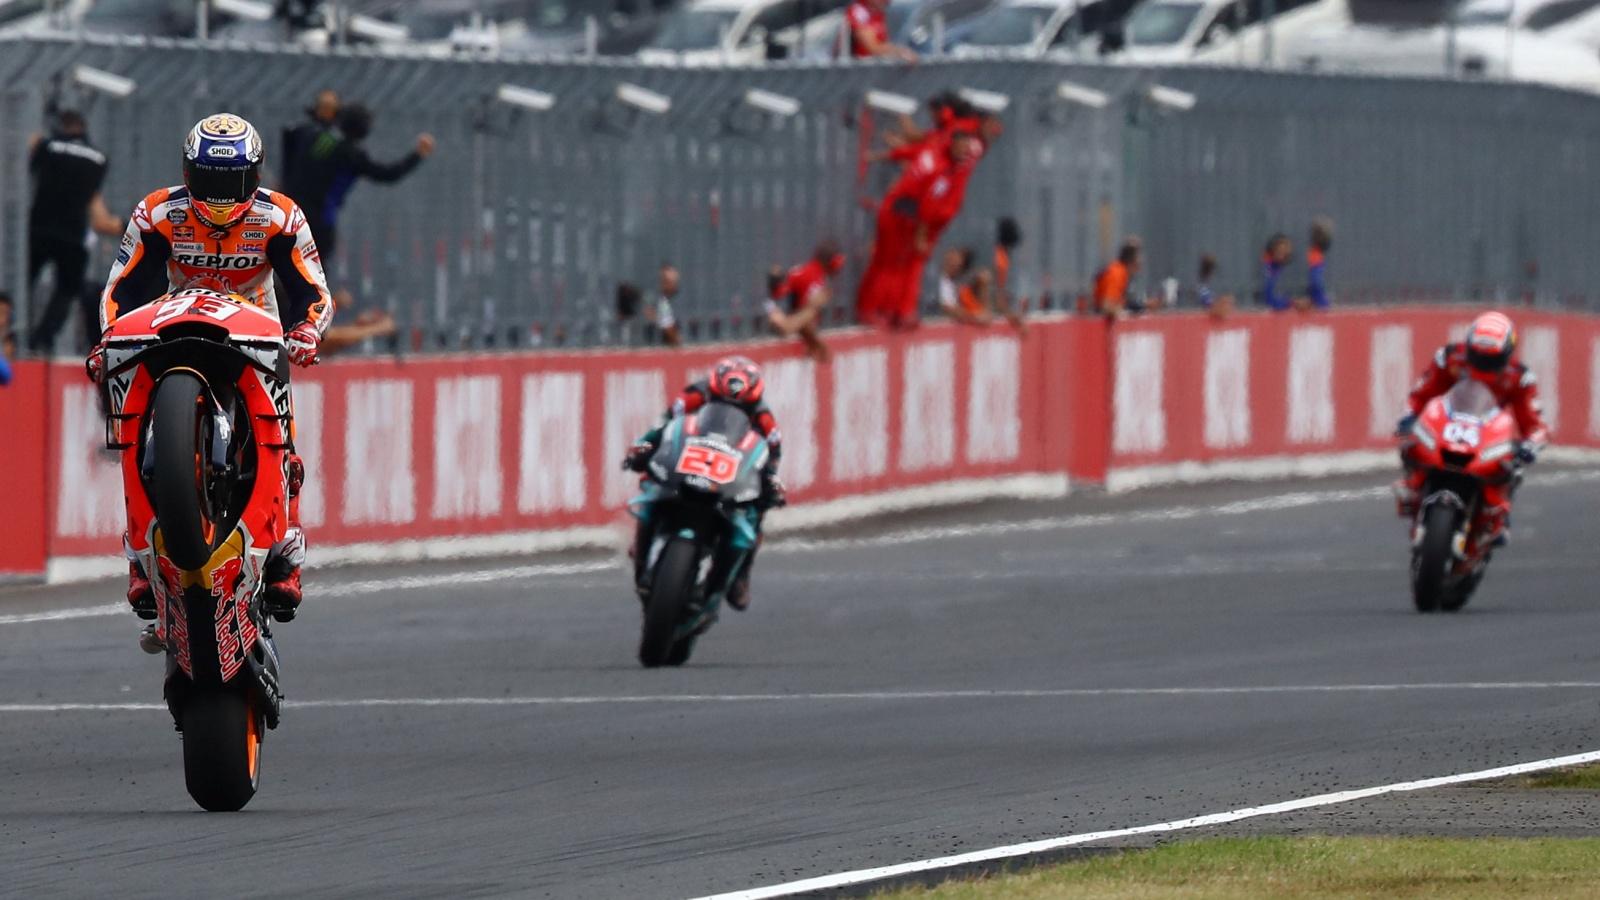 Píldoras MotoGP Japón 2019: Abuela vs pizarra, todos lo sabían y, de beber, constructores